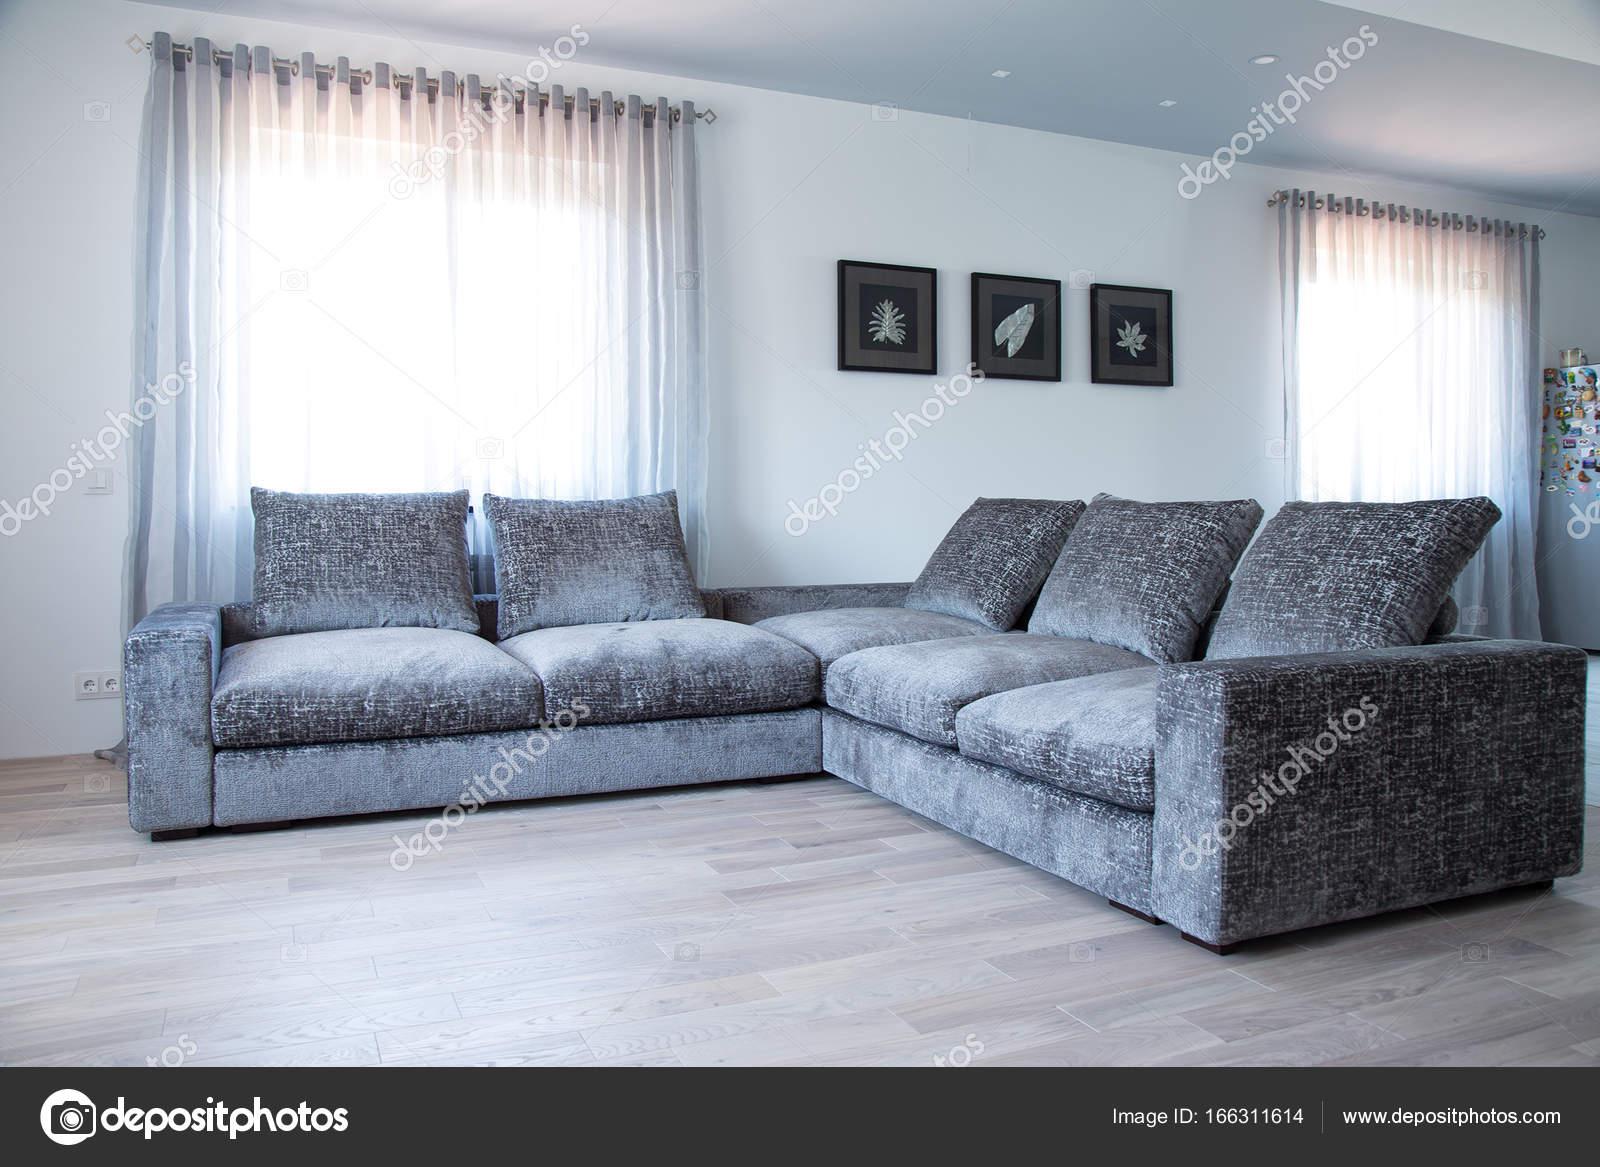 Wohnzimmer Innenraum In Grauen Und Weißen Farben Funktionen Grau Sofa U2014  Stockfoto